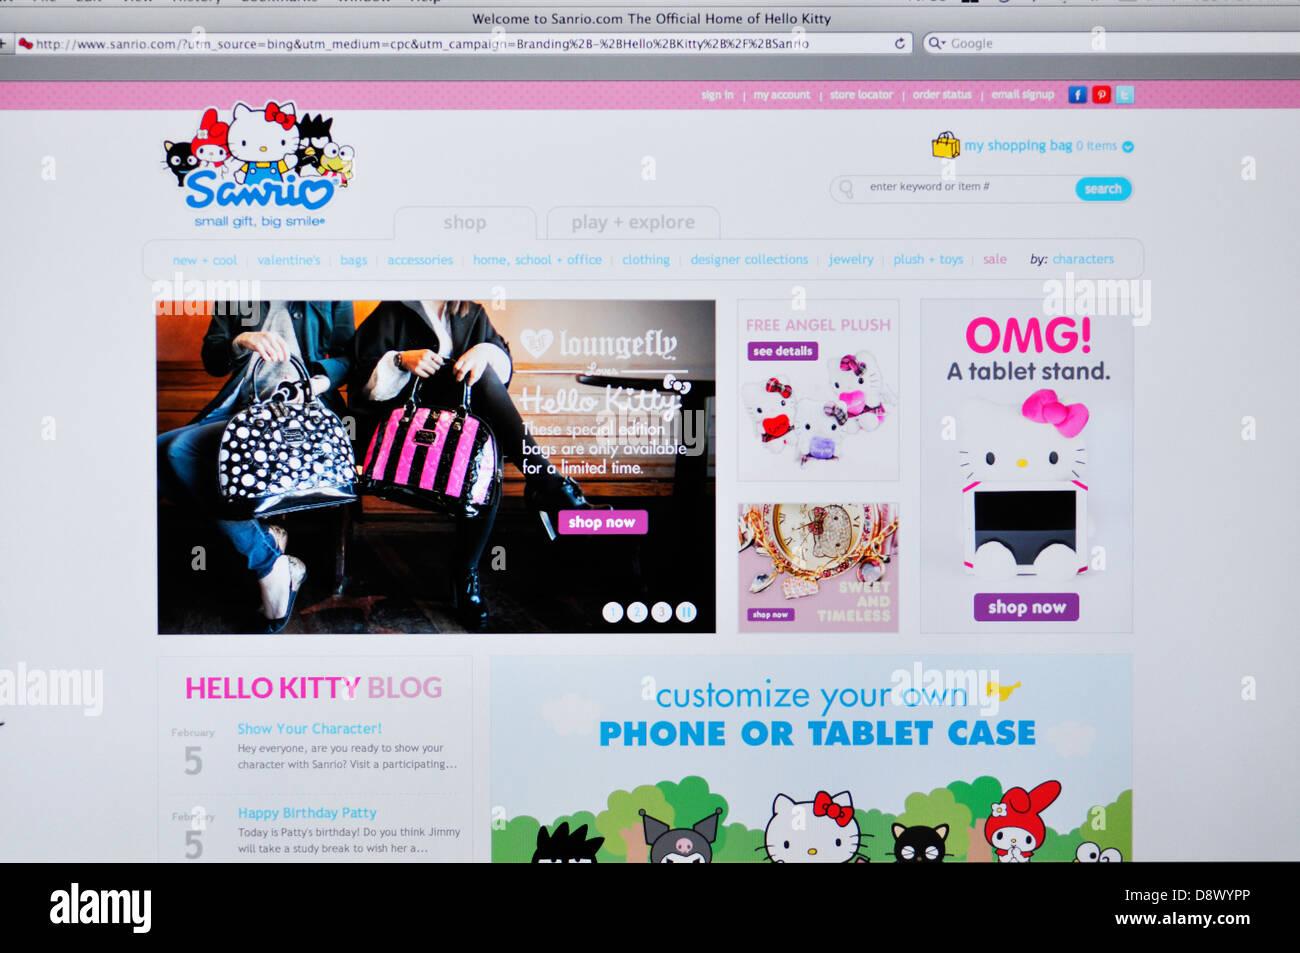 72963a598cd462 Sanrio store sacs, accessoires, Bagages, vêtements, bijoux site web ...